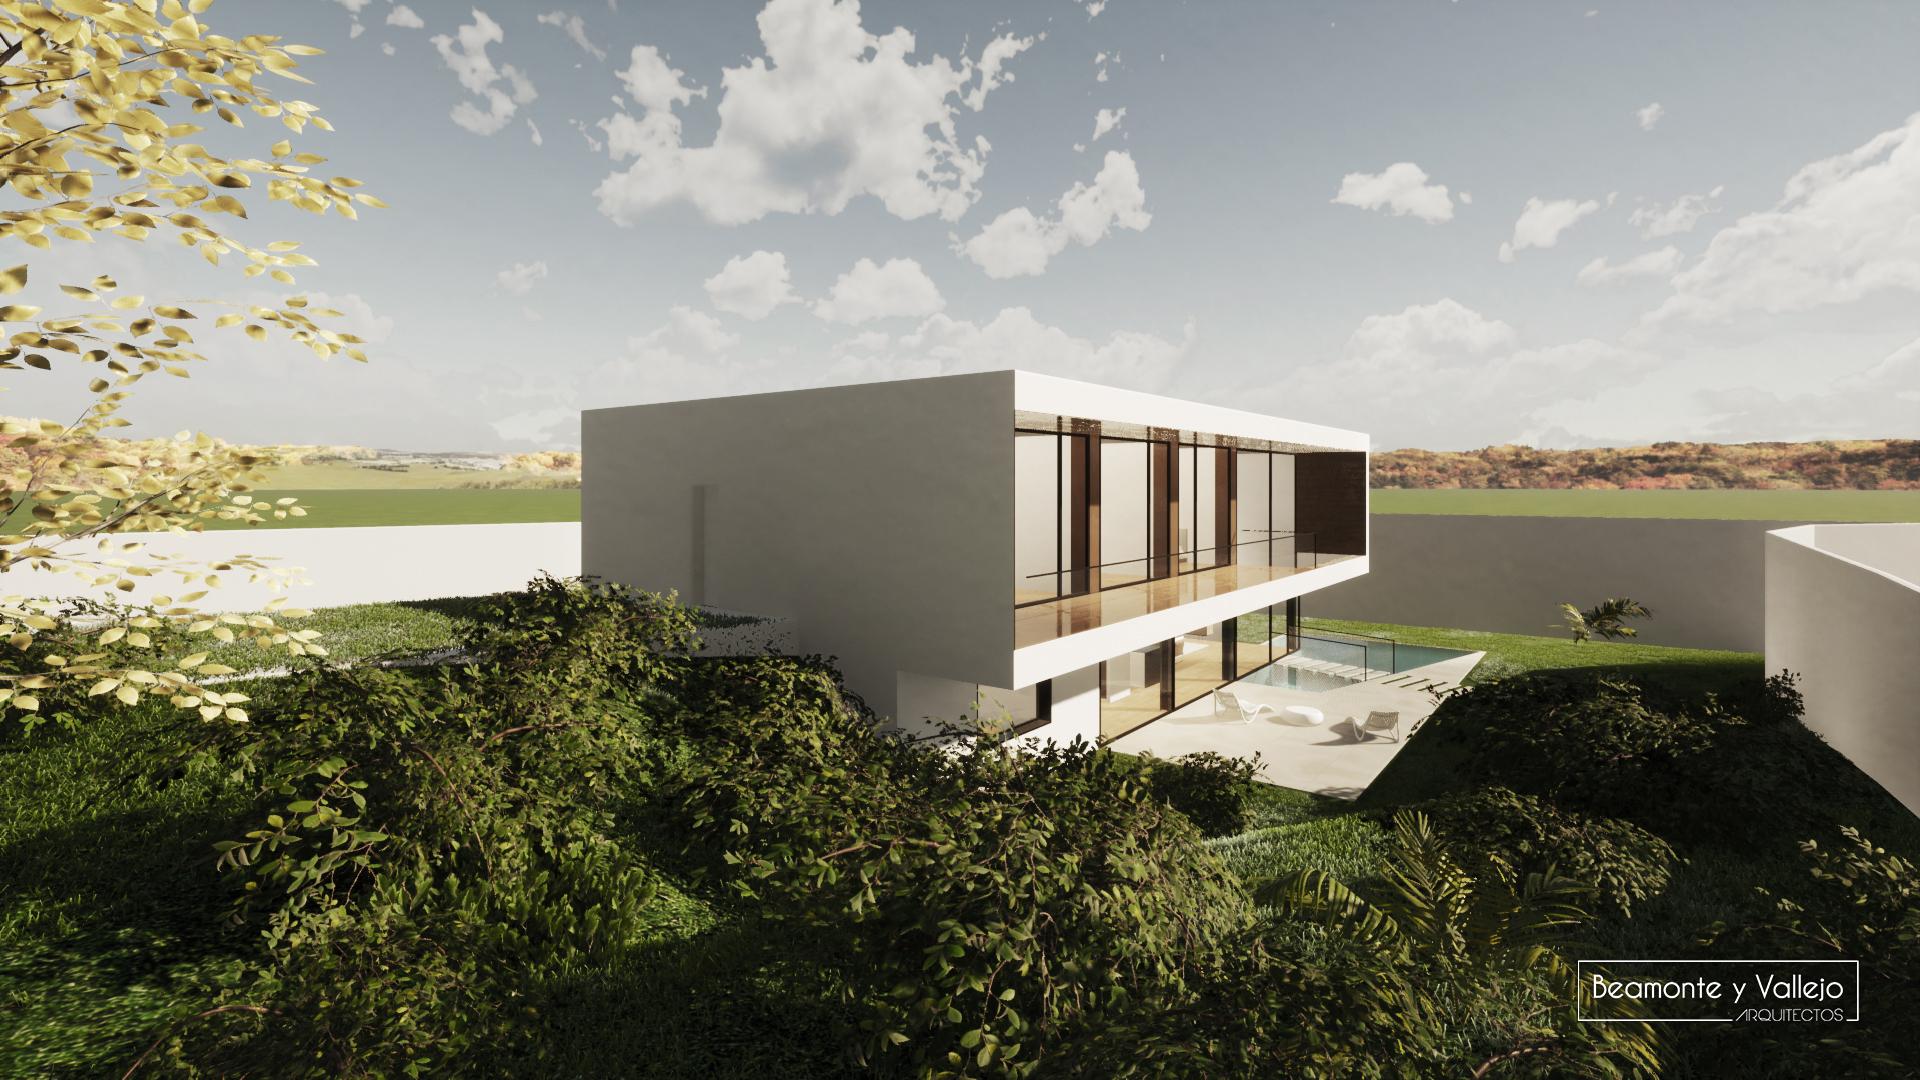 Beamonte y Vallejo arquitectos - Passivhaus, Colonia de San Lamberto (5)